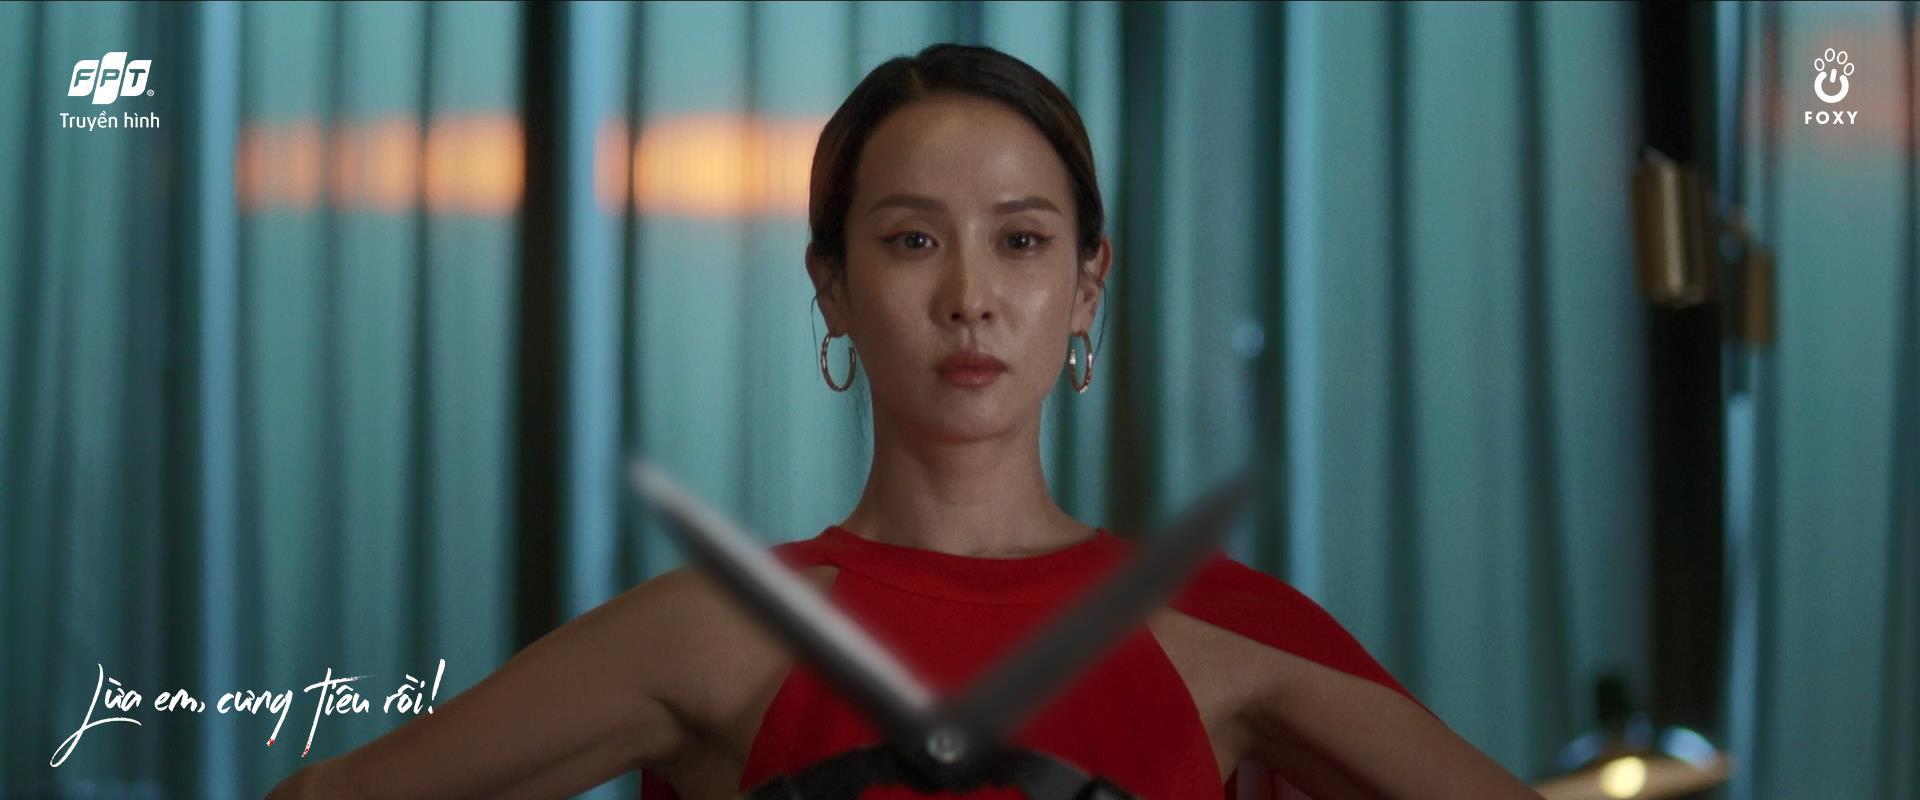 """3 hình tượng nhà văn có """"bệnh tâm thần"""" trên phim truyền hình Hàn Quốc - Ảnh 5."""